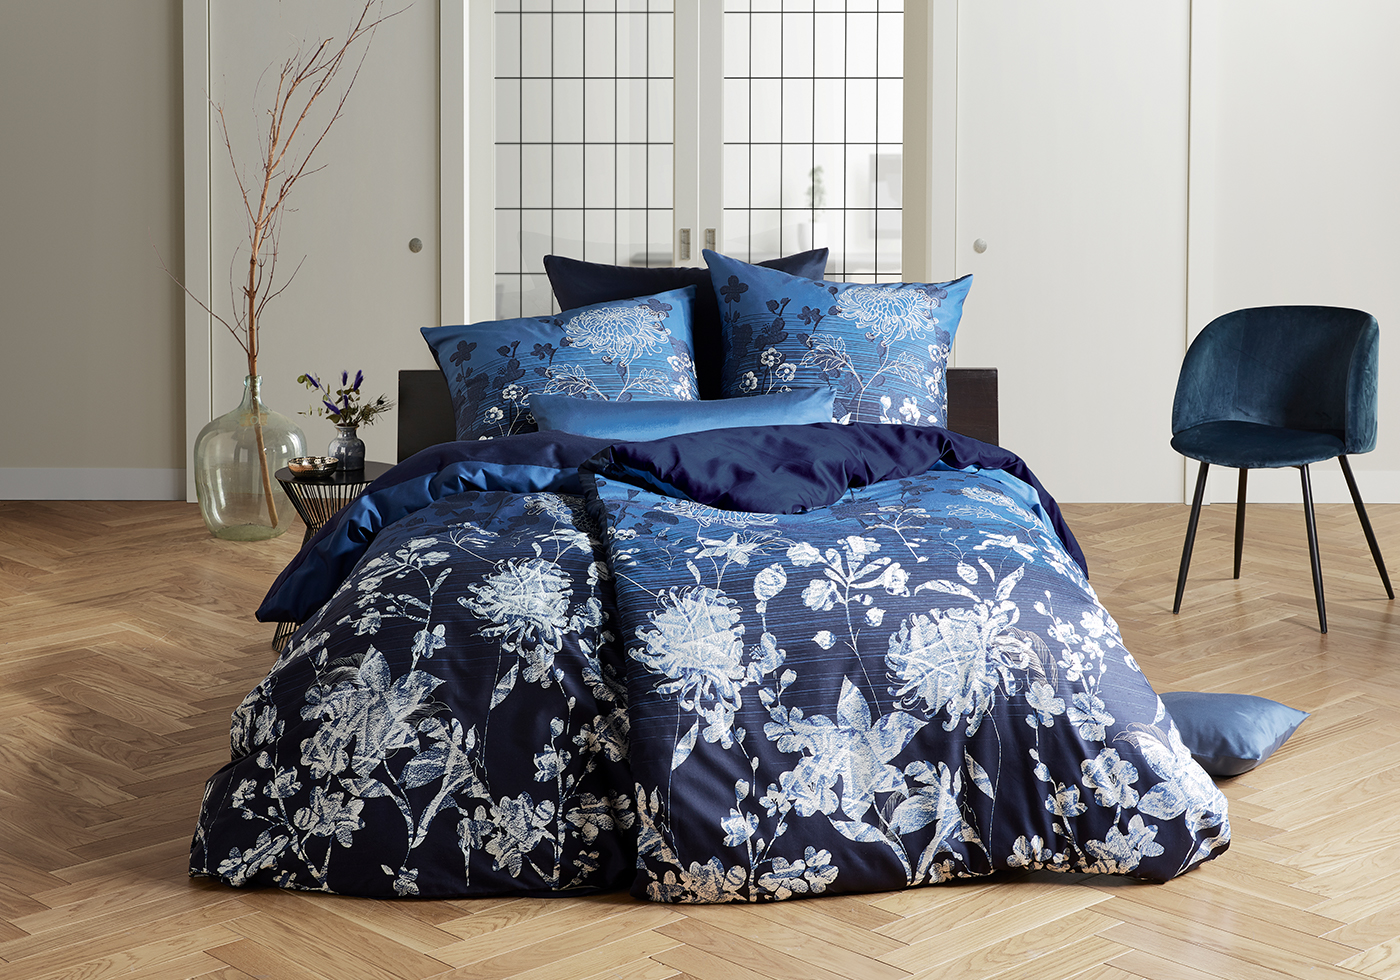 Blaue fleuresse Satin Bettwäsche mit weißen Blumen